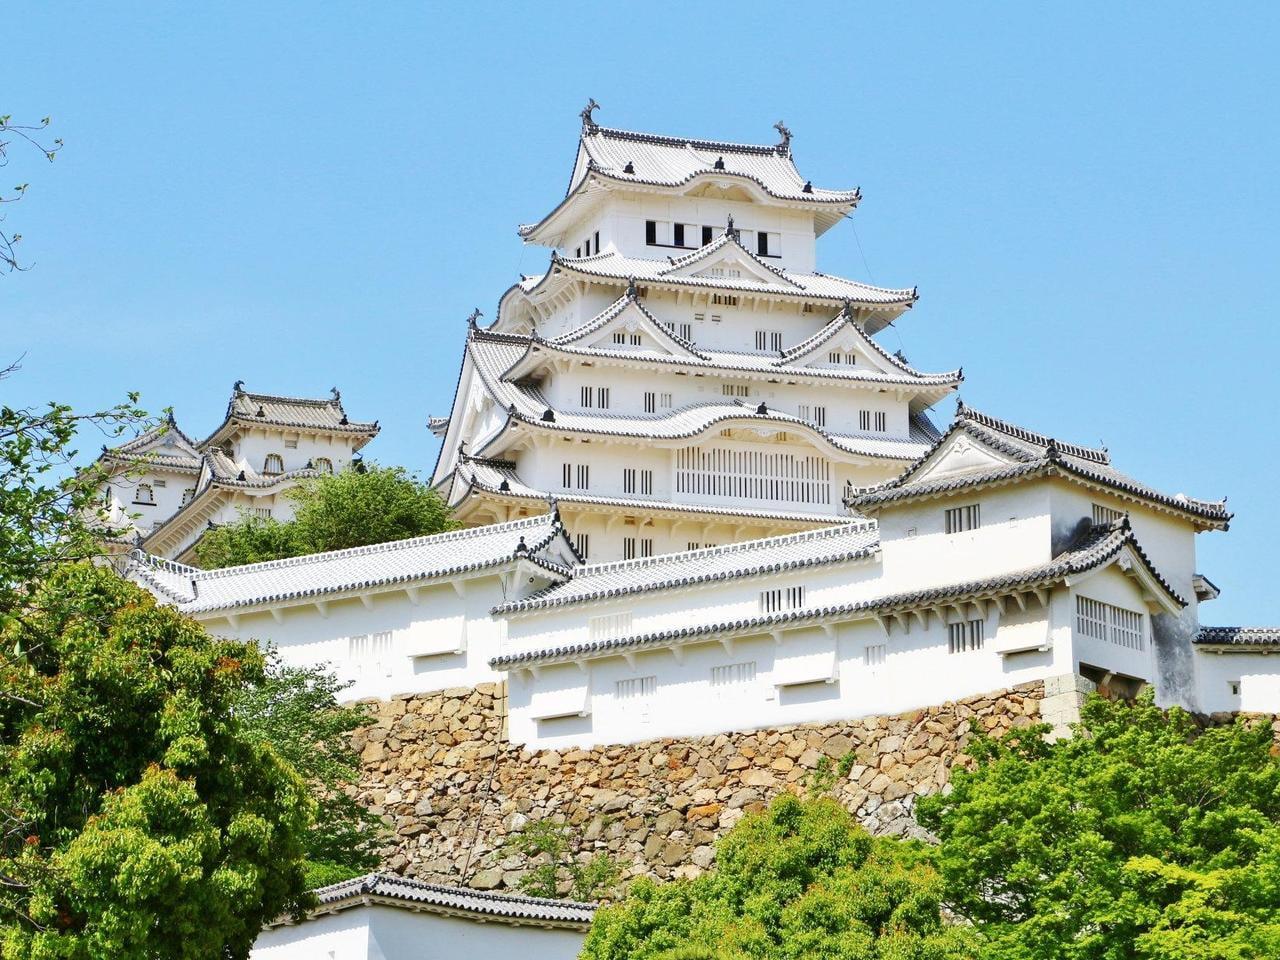 「日本の城 検索ランキング2020」で【姫路城】が第1位に!